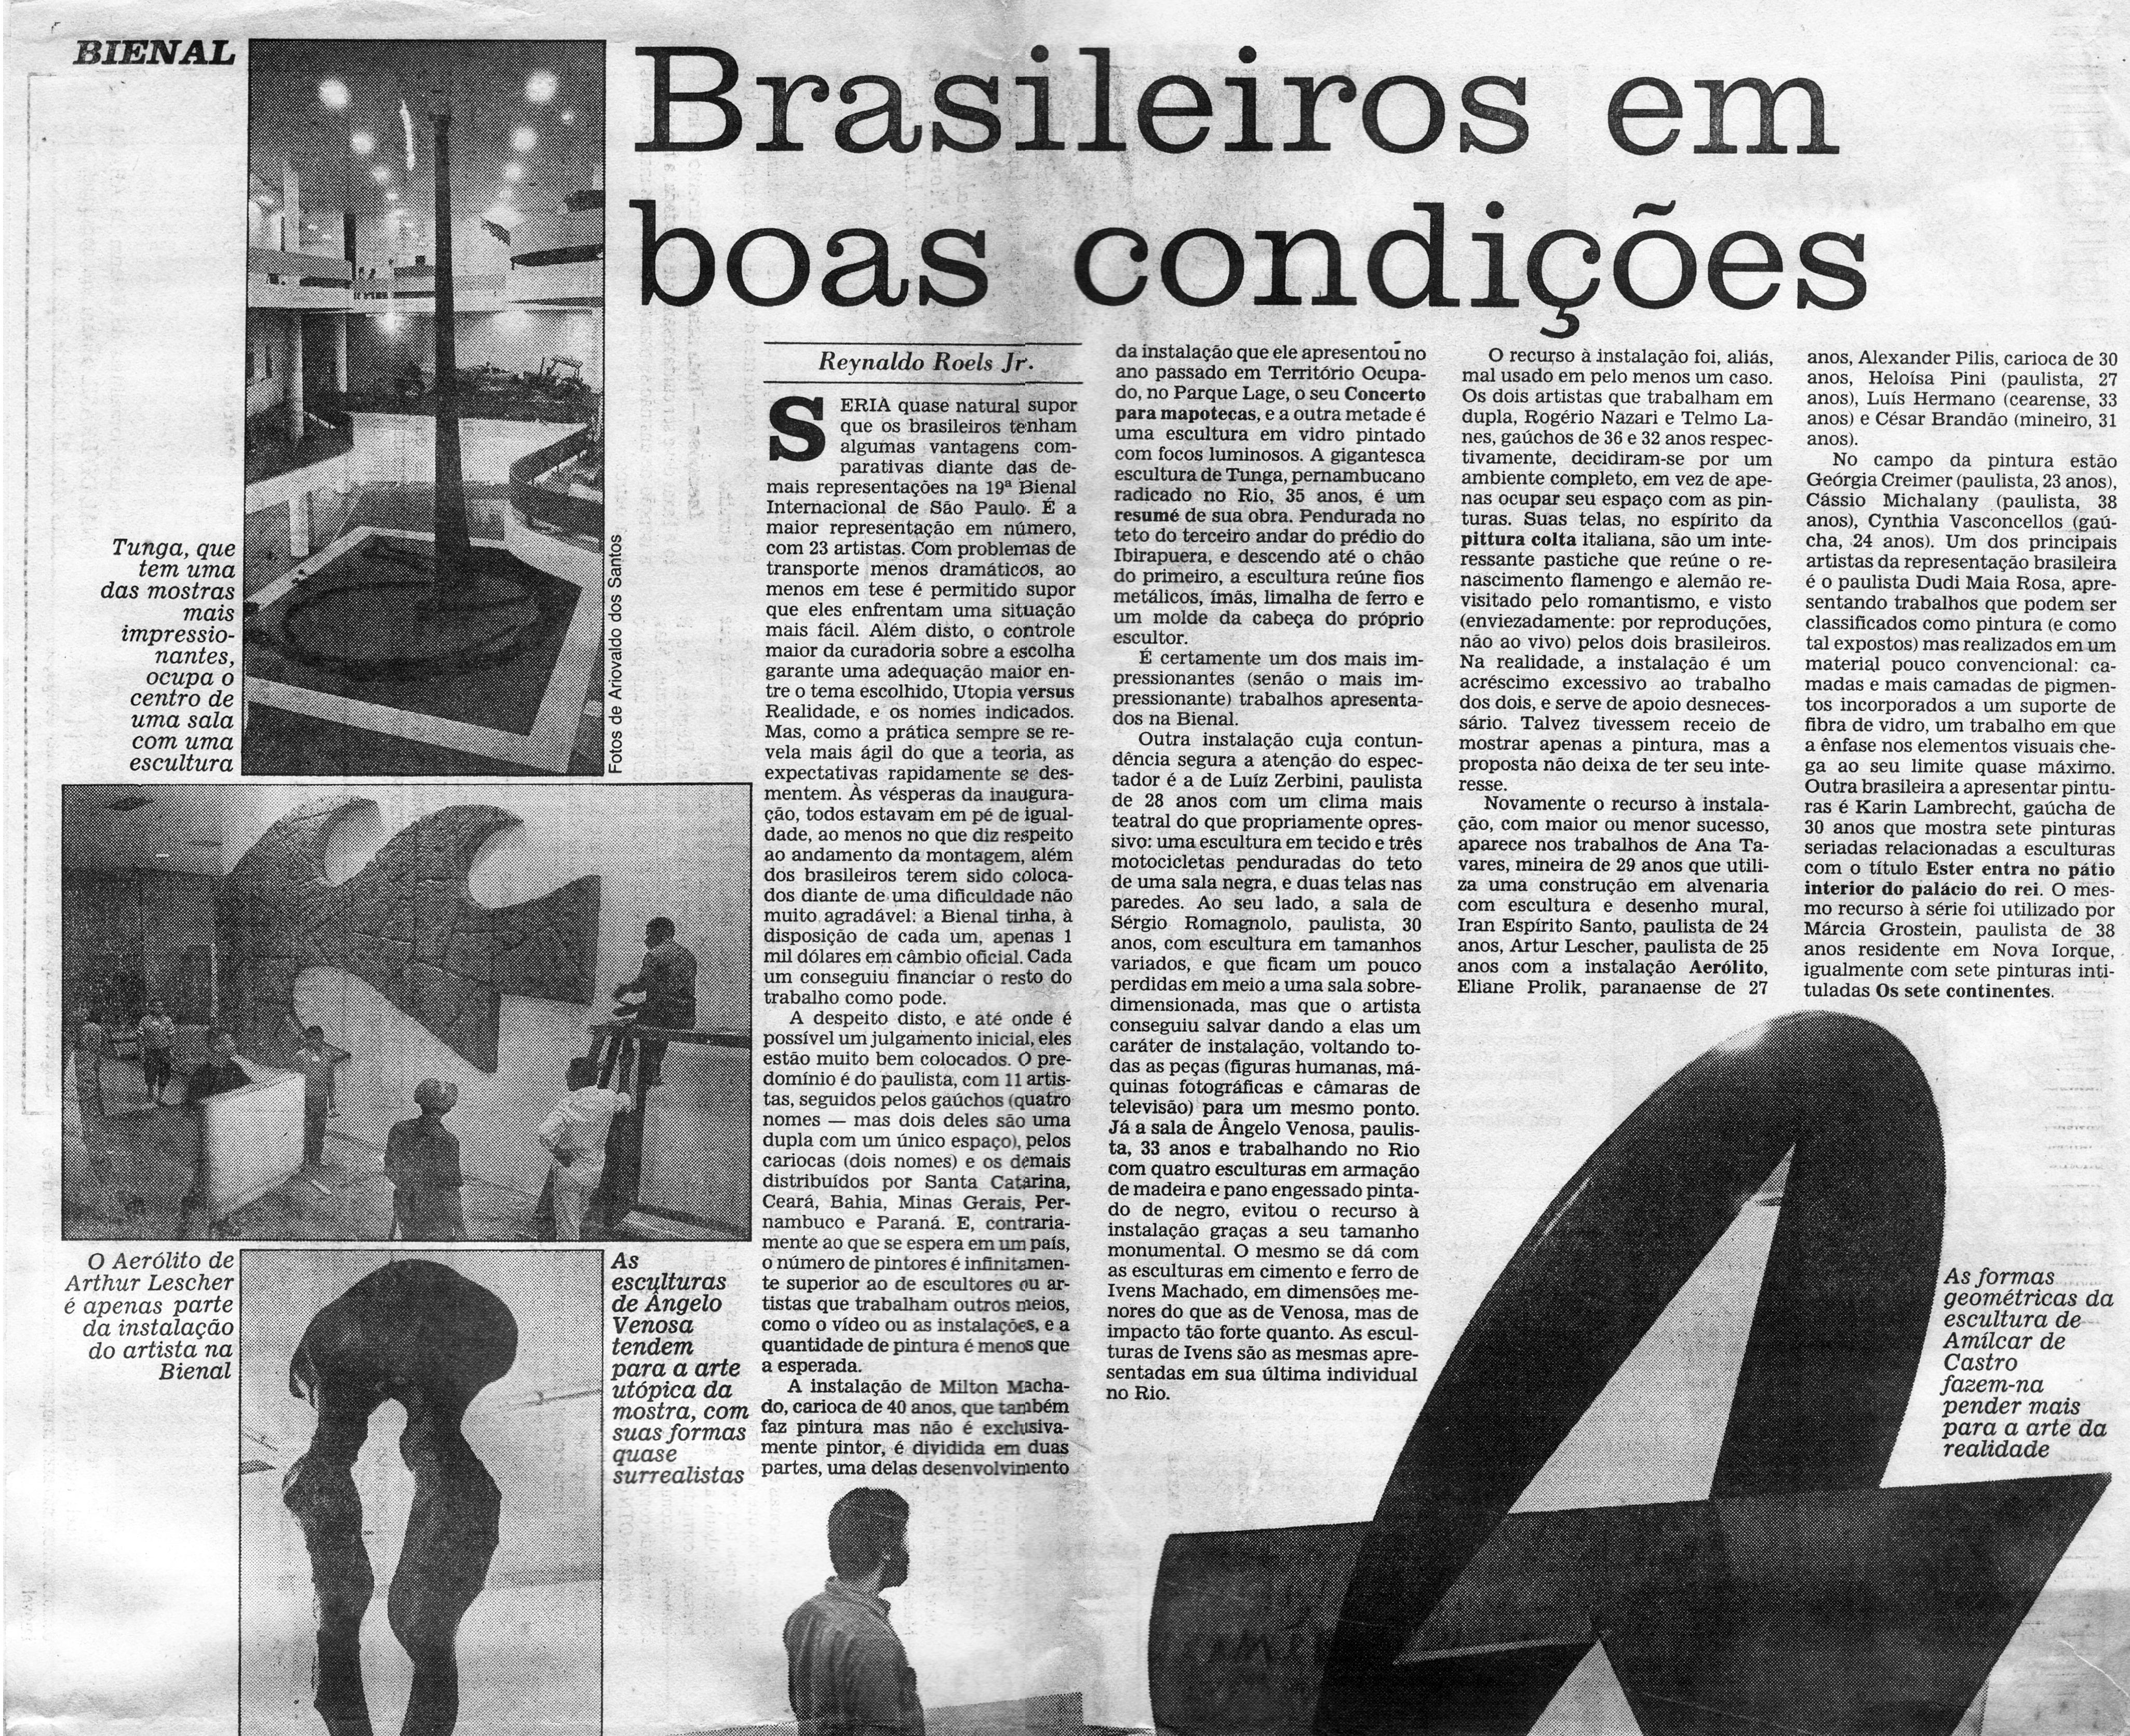 19ª Bienal Internacional de São Paulo